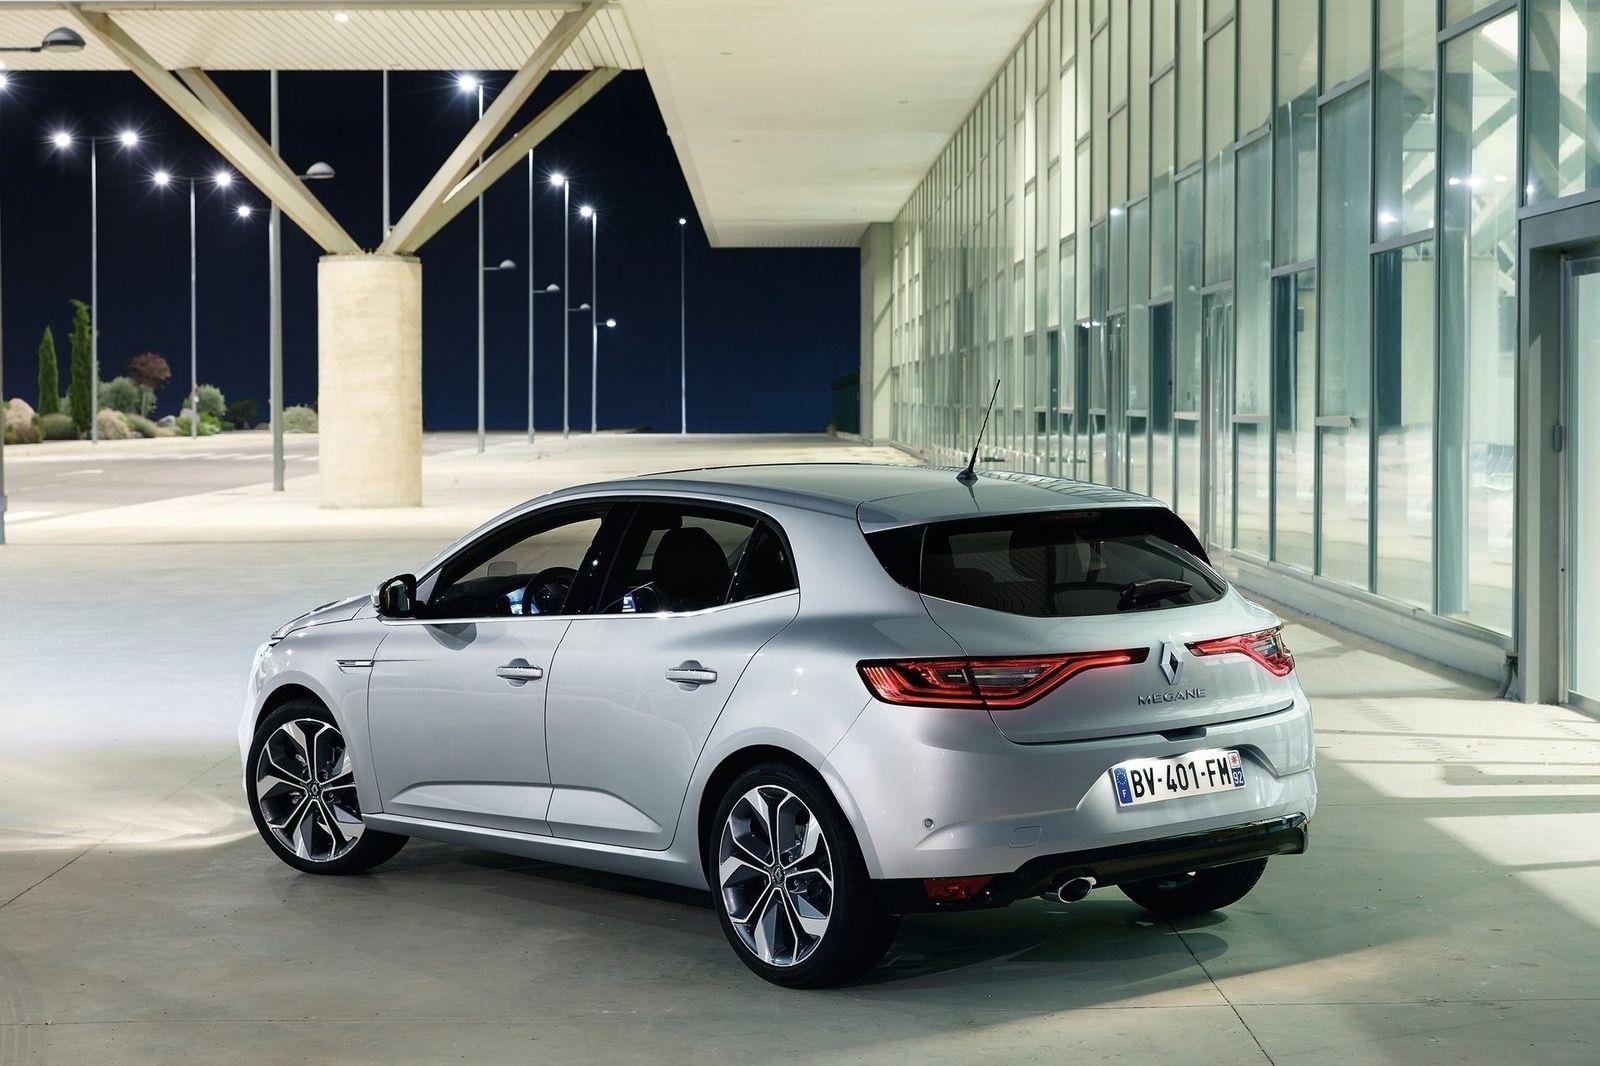 Renault prijst nieuwe Mégane Hatchback vanaf 20.290, euro